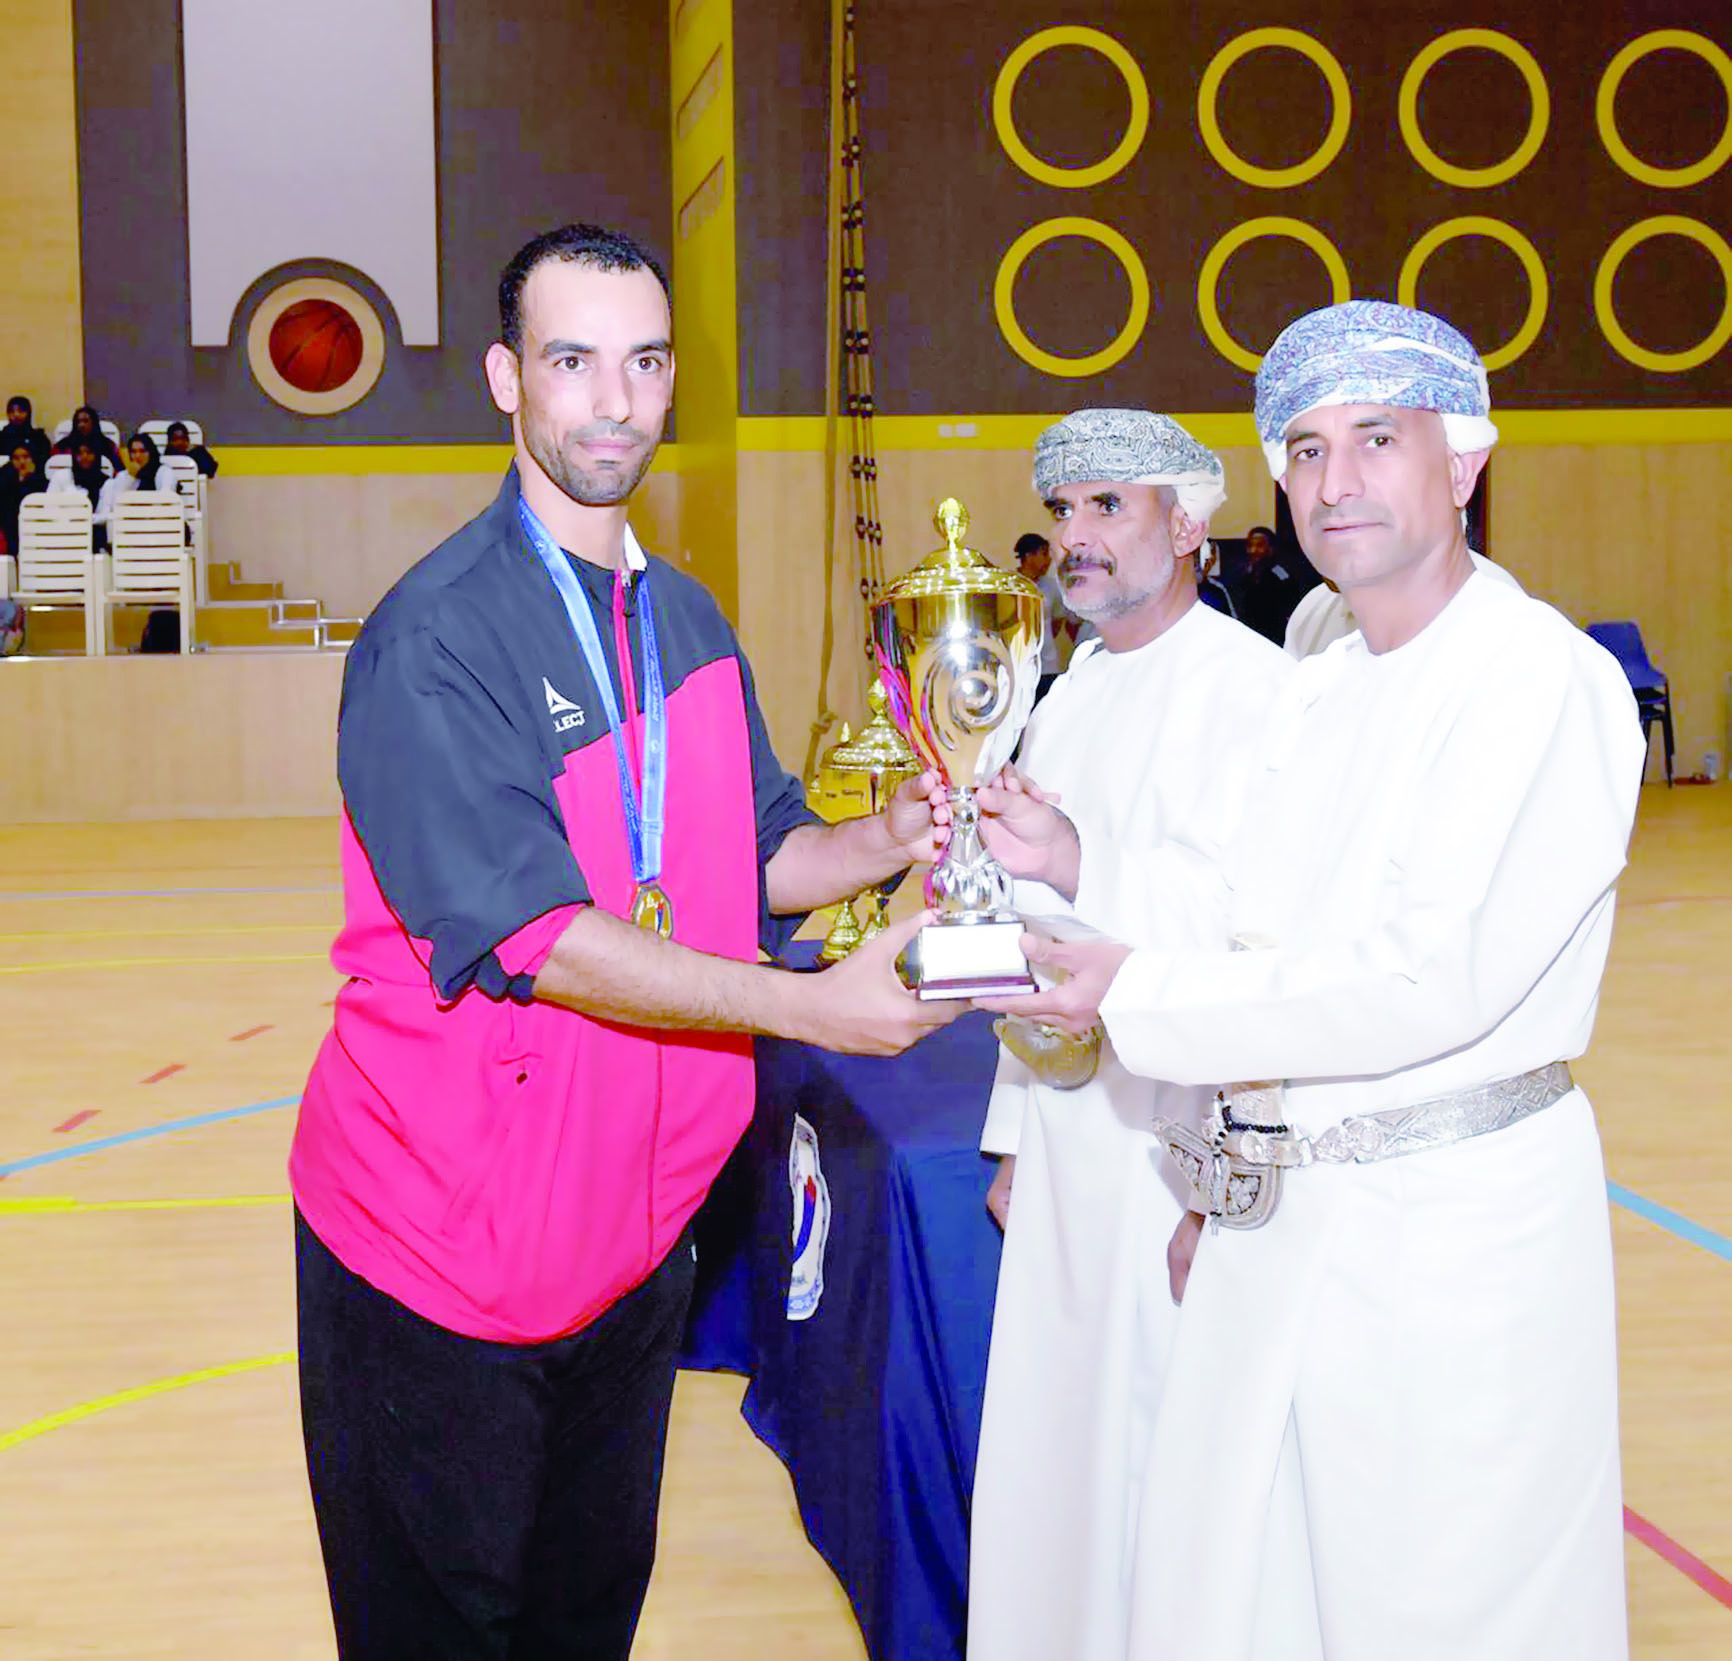 شرطة المهام الخاصة اولا في بطولة شرطة عمان السلطانية لكرة الطاولة